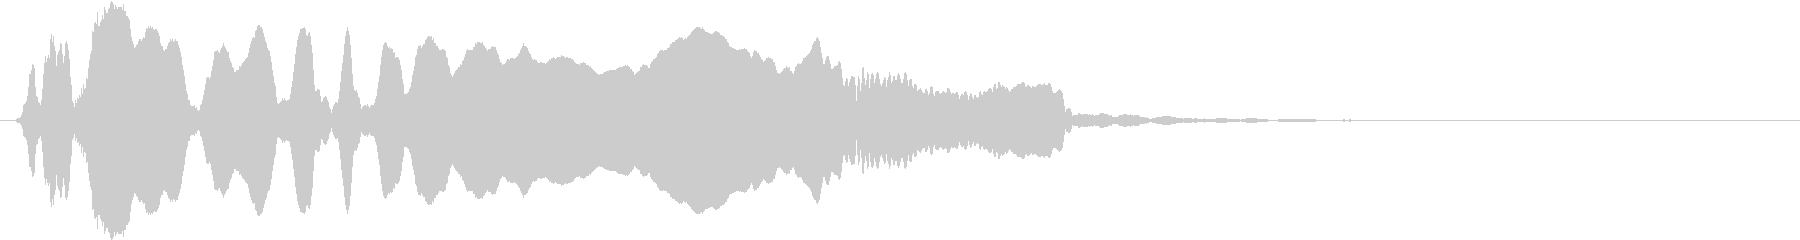 音侍SE「尺八フレーズ1」エニグマ音10の未再生の波形